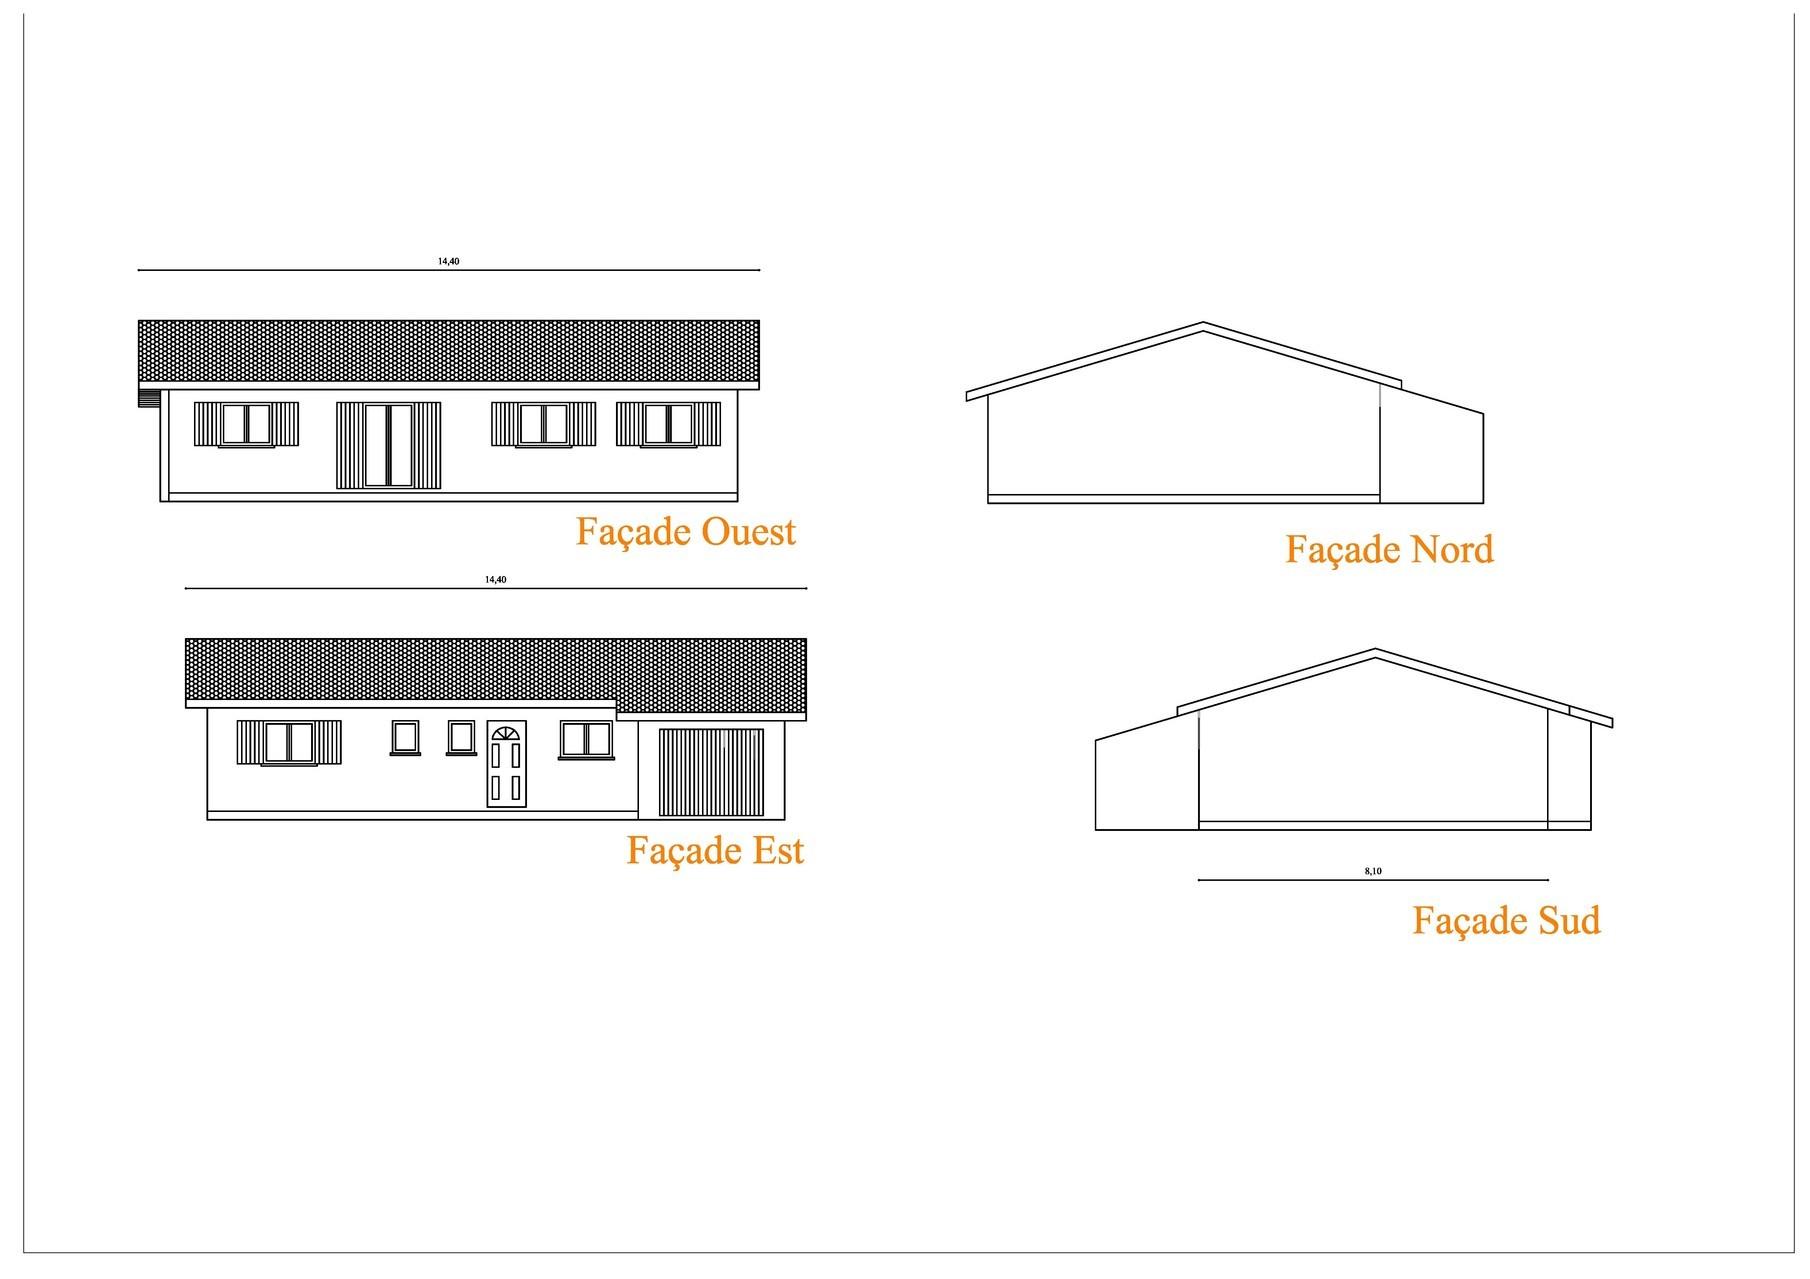 Agrandir sa maison conseils thermiques - Regles de construction en limite de propriete ...